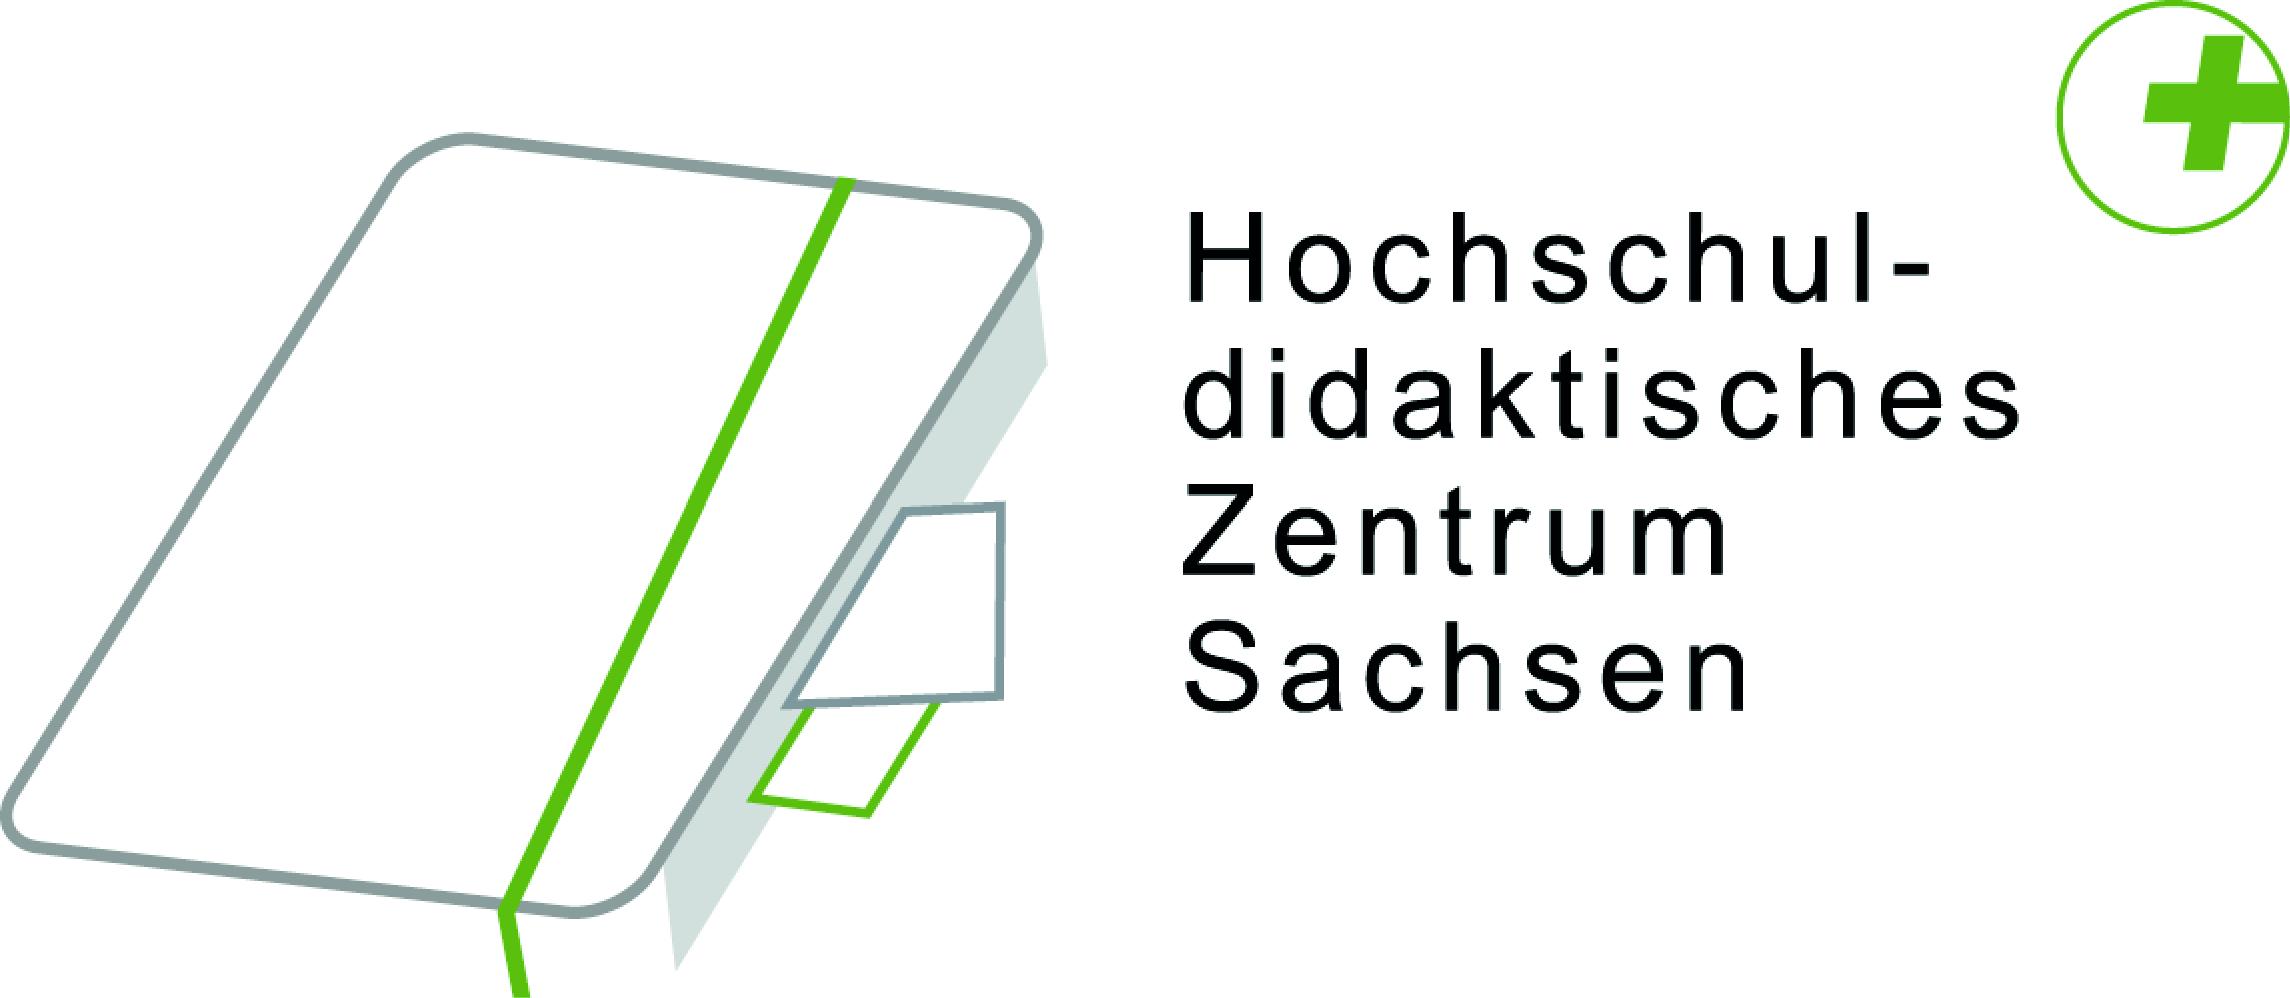 Das Hochschuldidaktische Zentrum Sachsen (HDS)